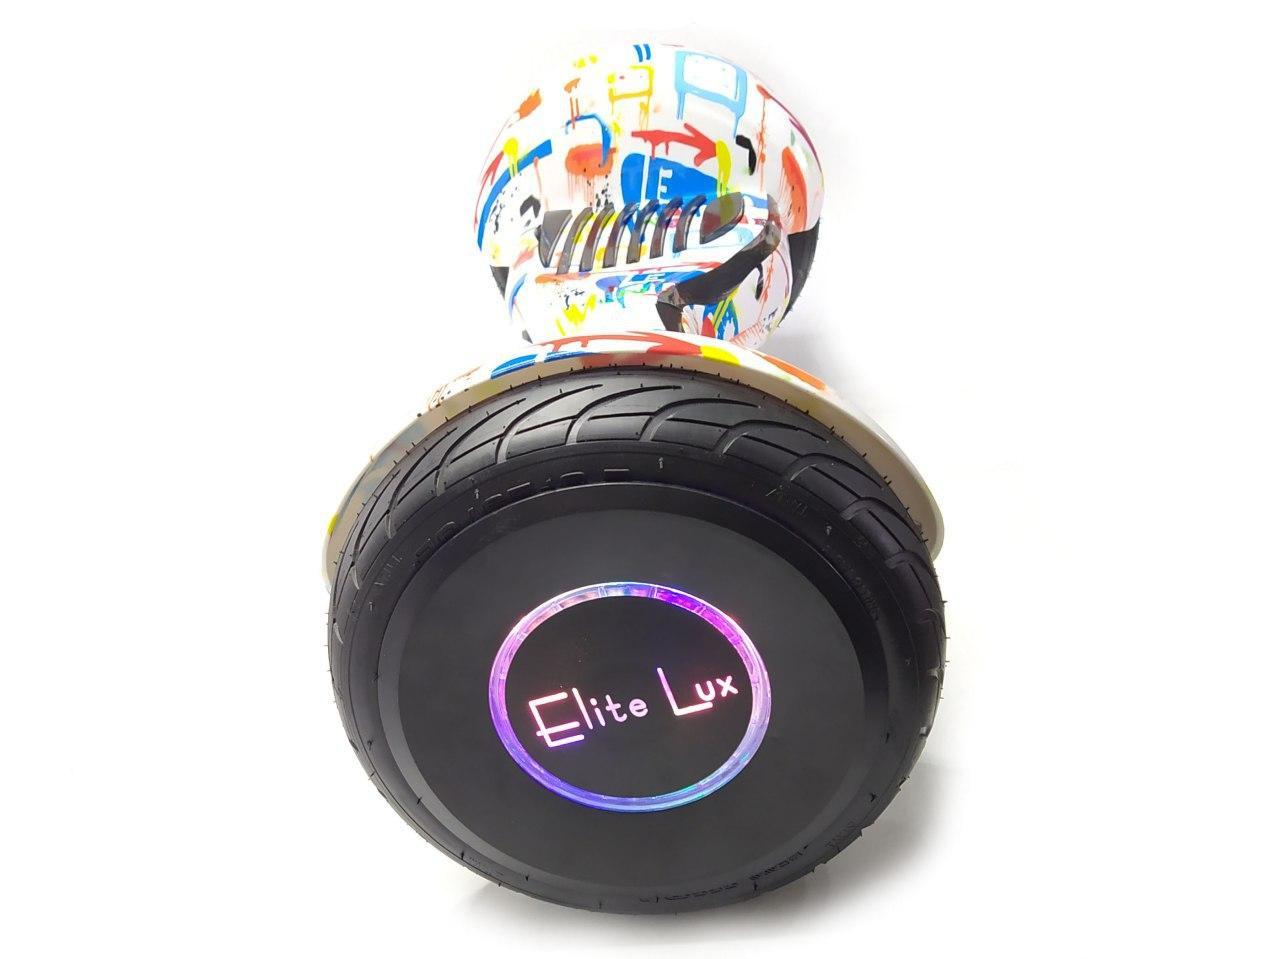 Гироскутер Elite Lux Smart Balance 10.5 белое граффити